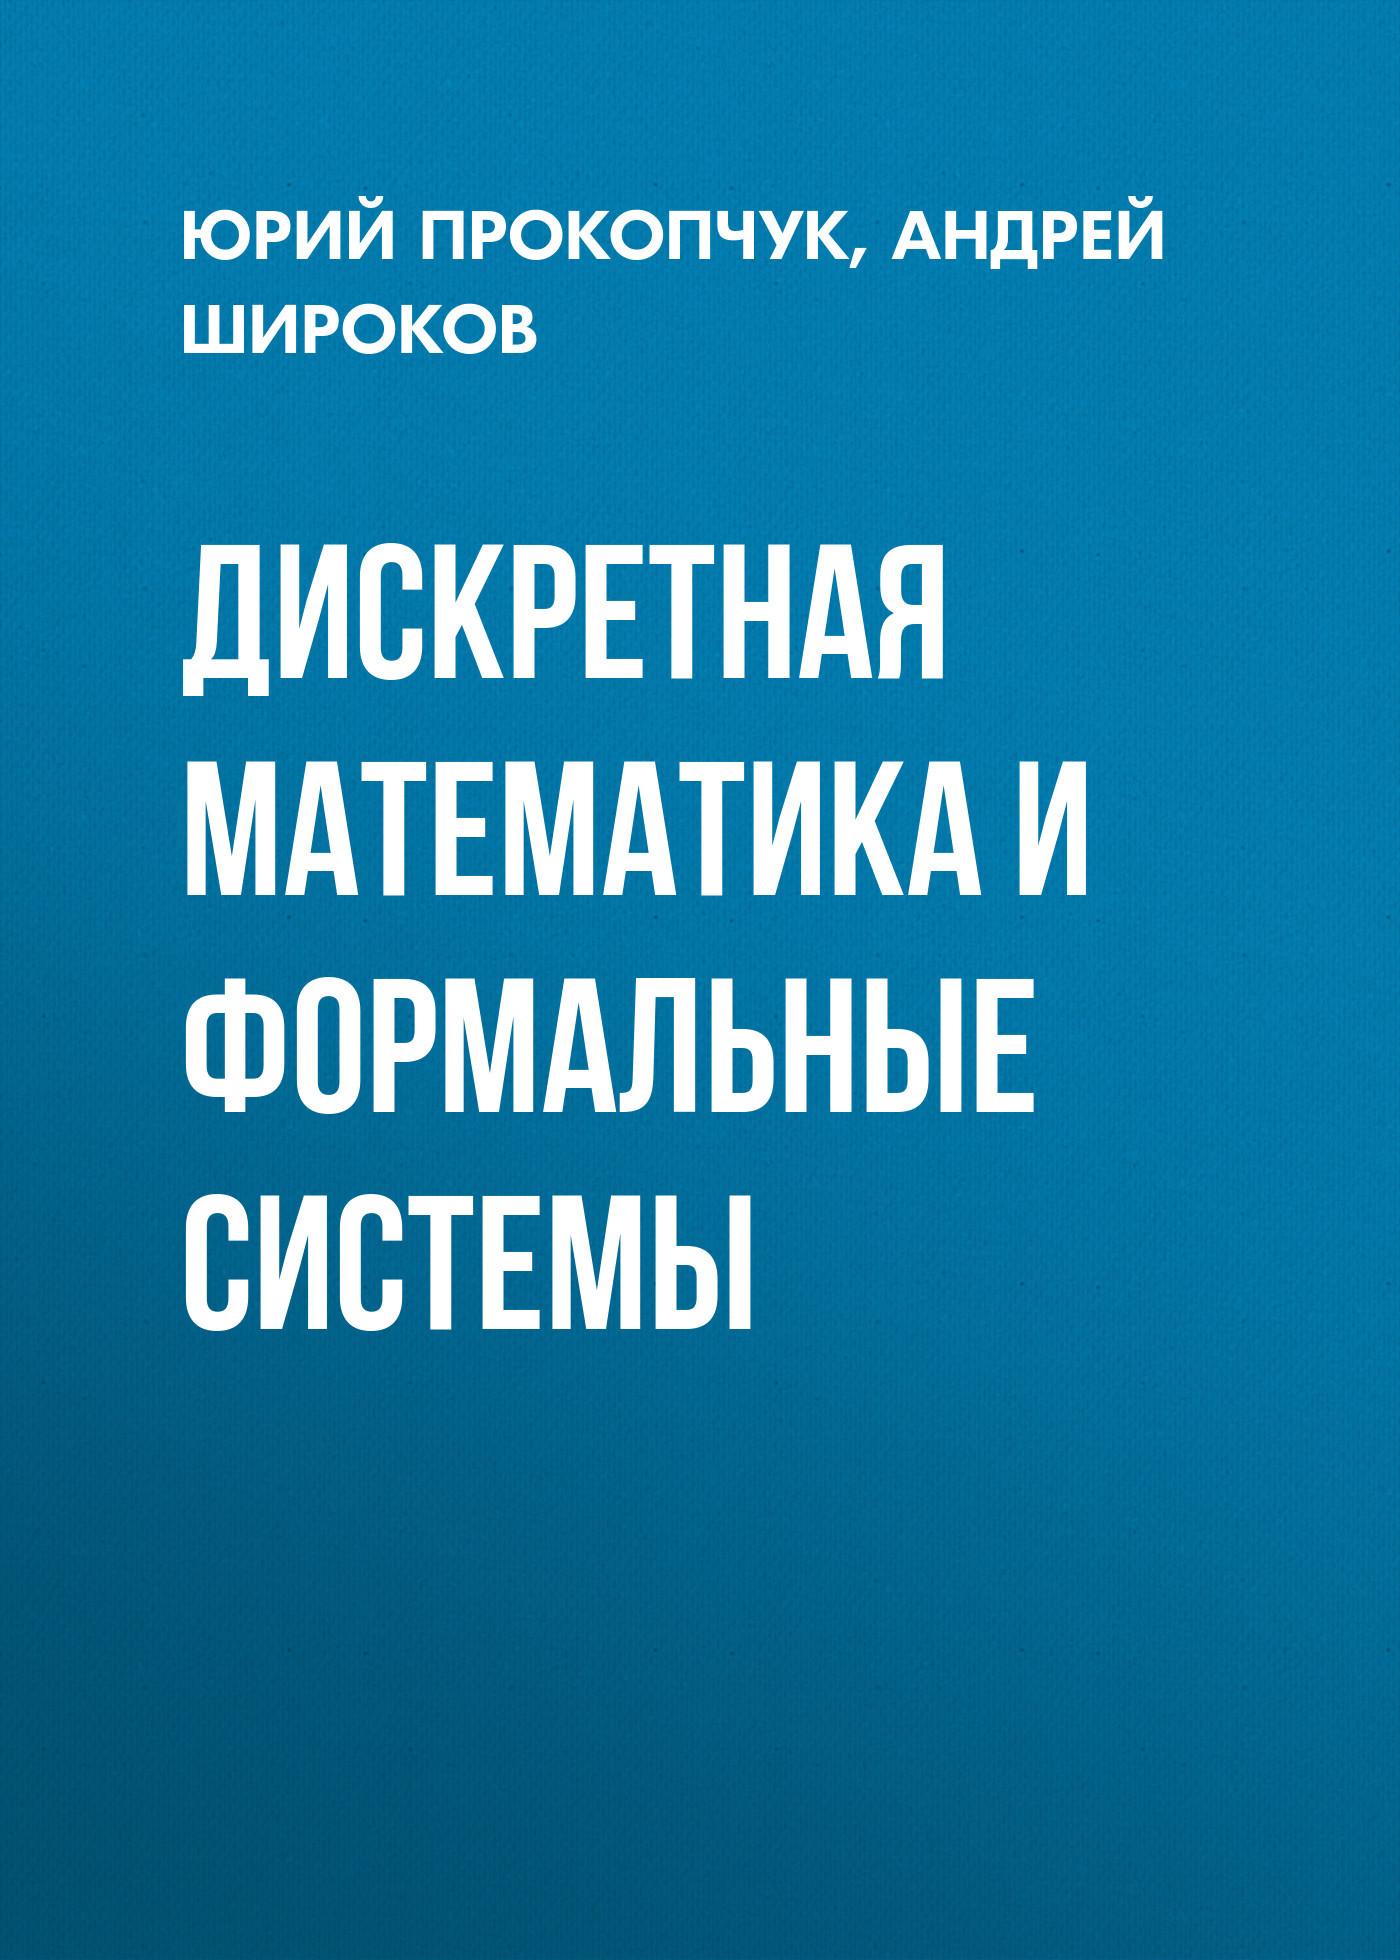 Андрей Широков бесплатно